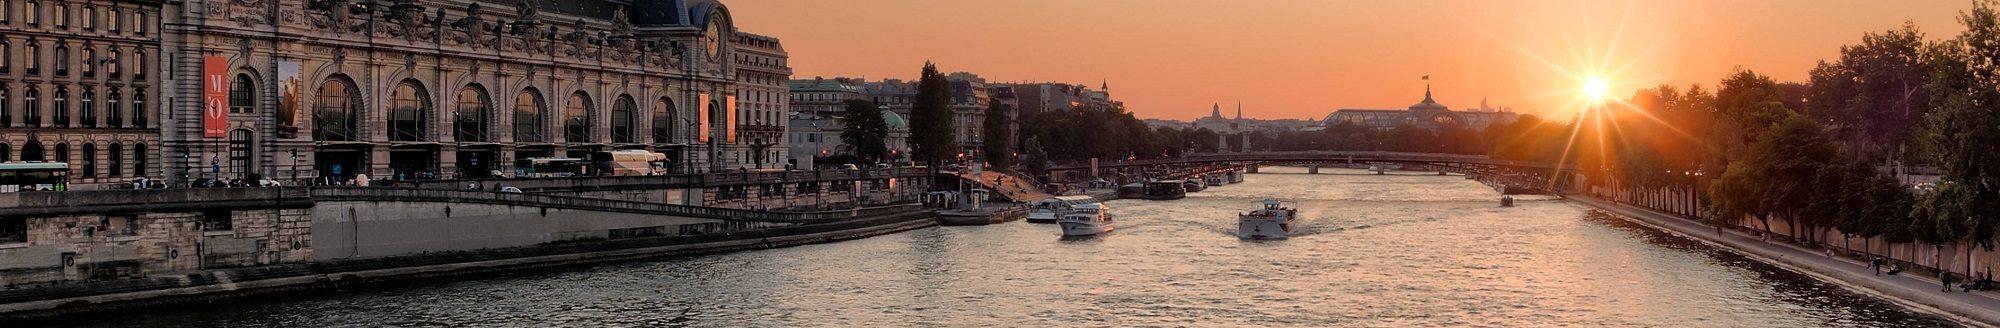 Bateaux-Mouches in Paris